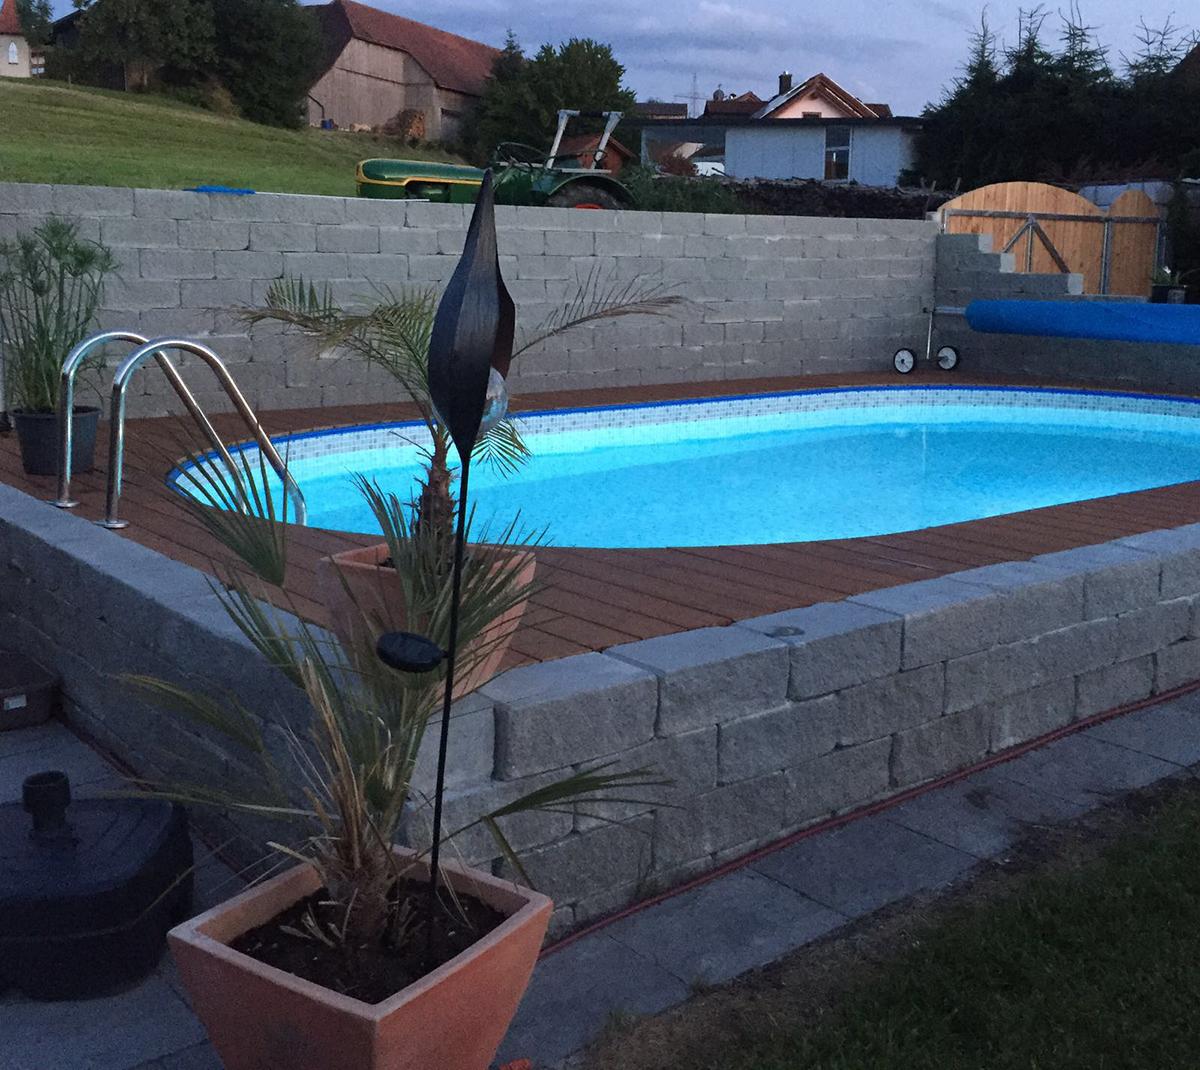 Bauen sie ihren pool selbst wir helfen for Schwimmpool selber bauen